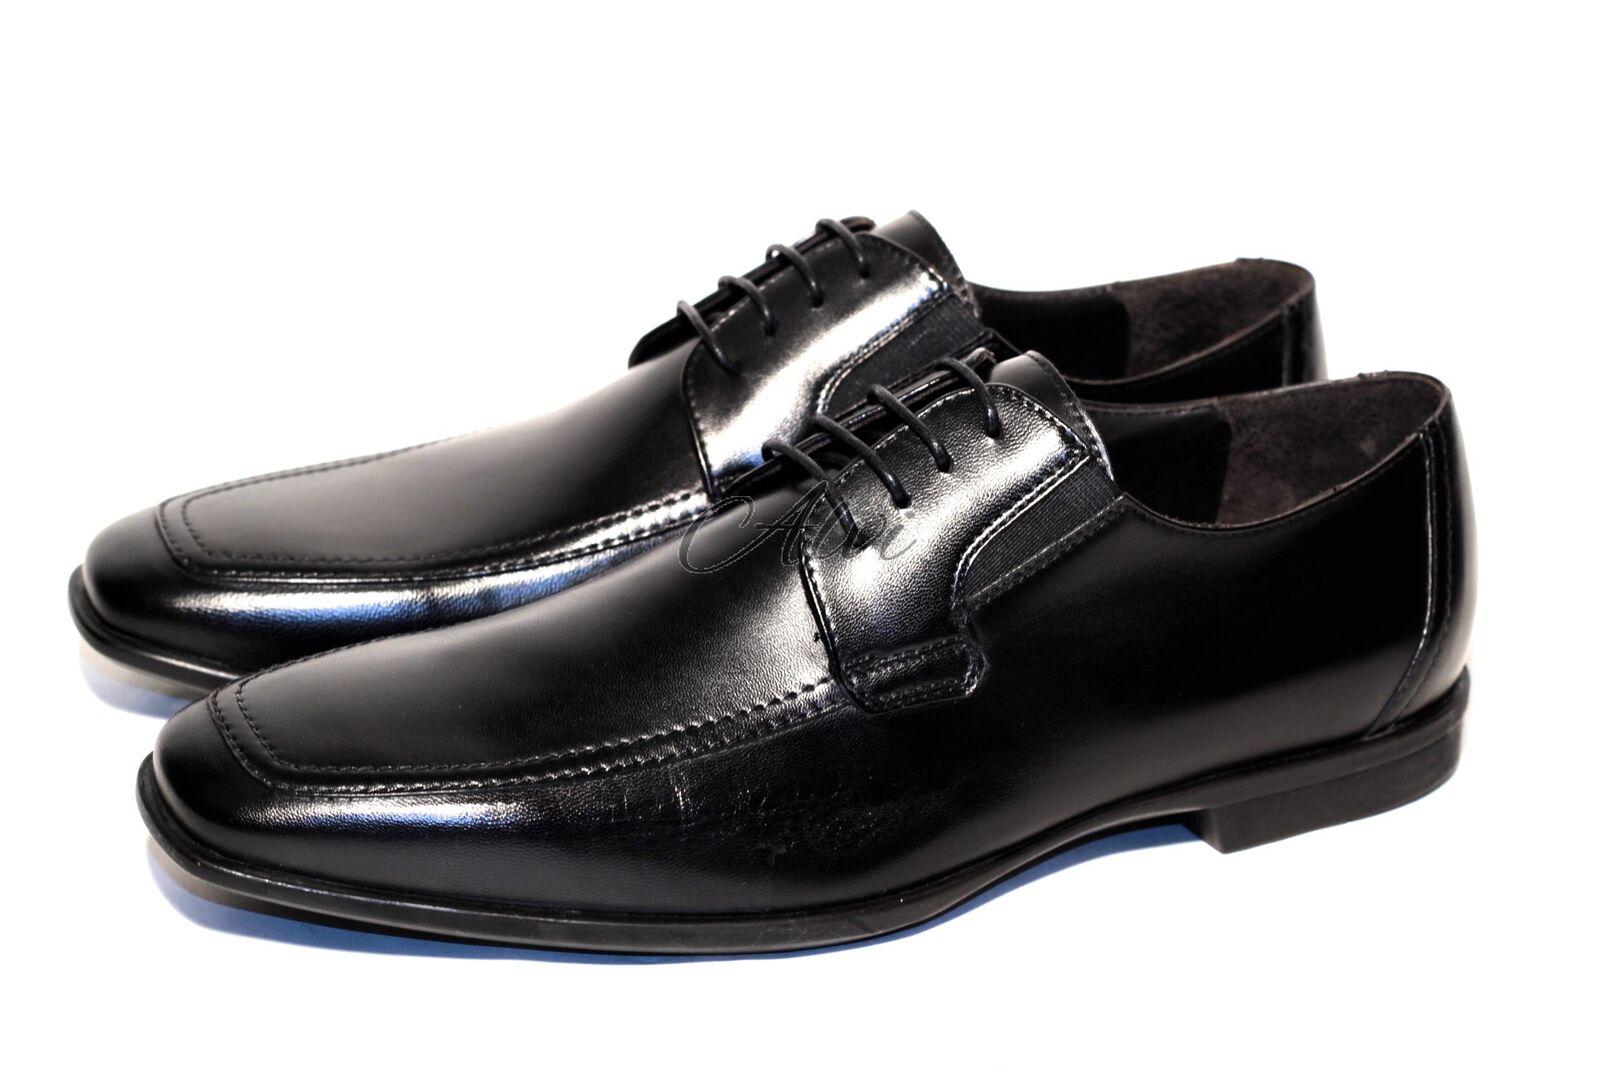 sale retailer b18a5 1ad39 scarpe uomo bruno magli nere eleganti